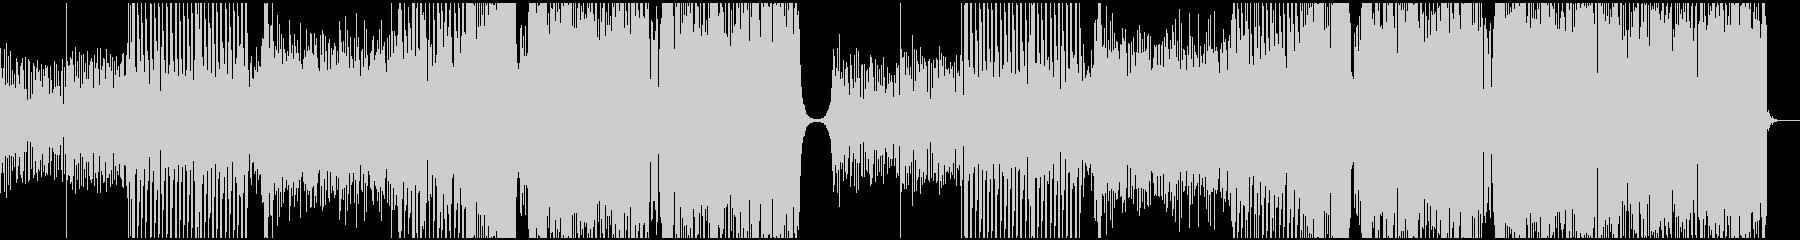 切ないメロディから爆発的に上がるEDMの未再生の波形